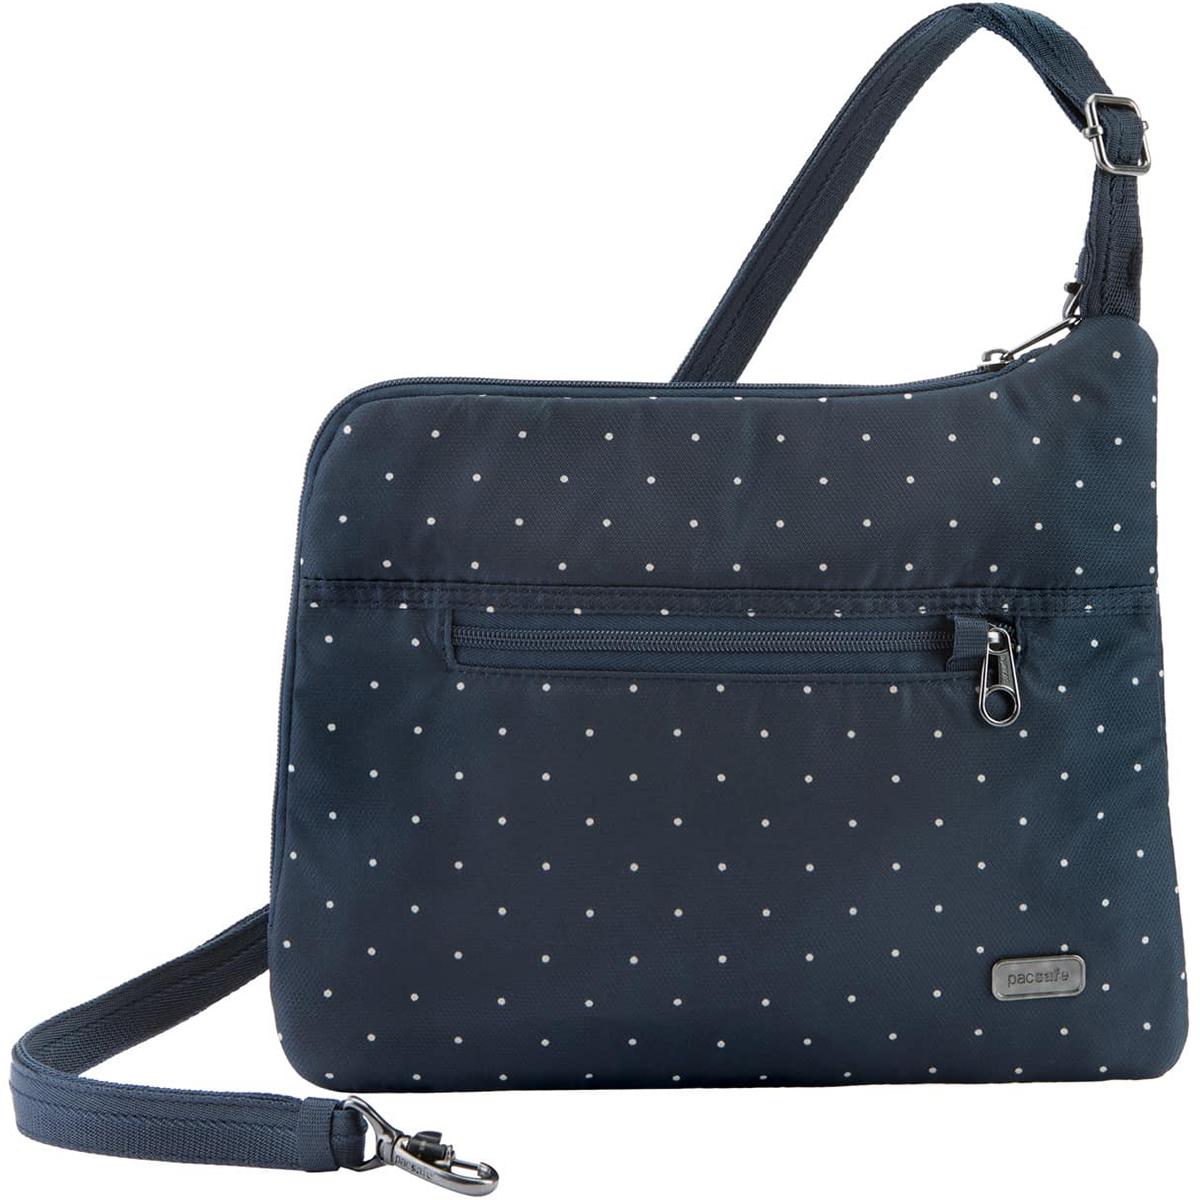 PacSafe-DaySafe-Anti-Theft-Slim-Crossbody-Bag thumbnail 8